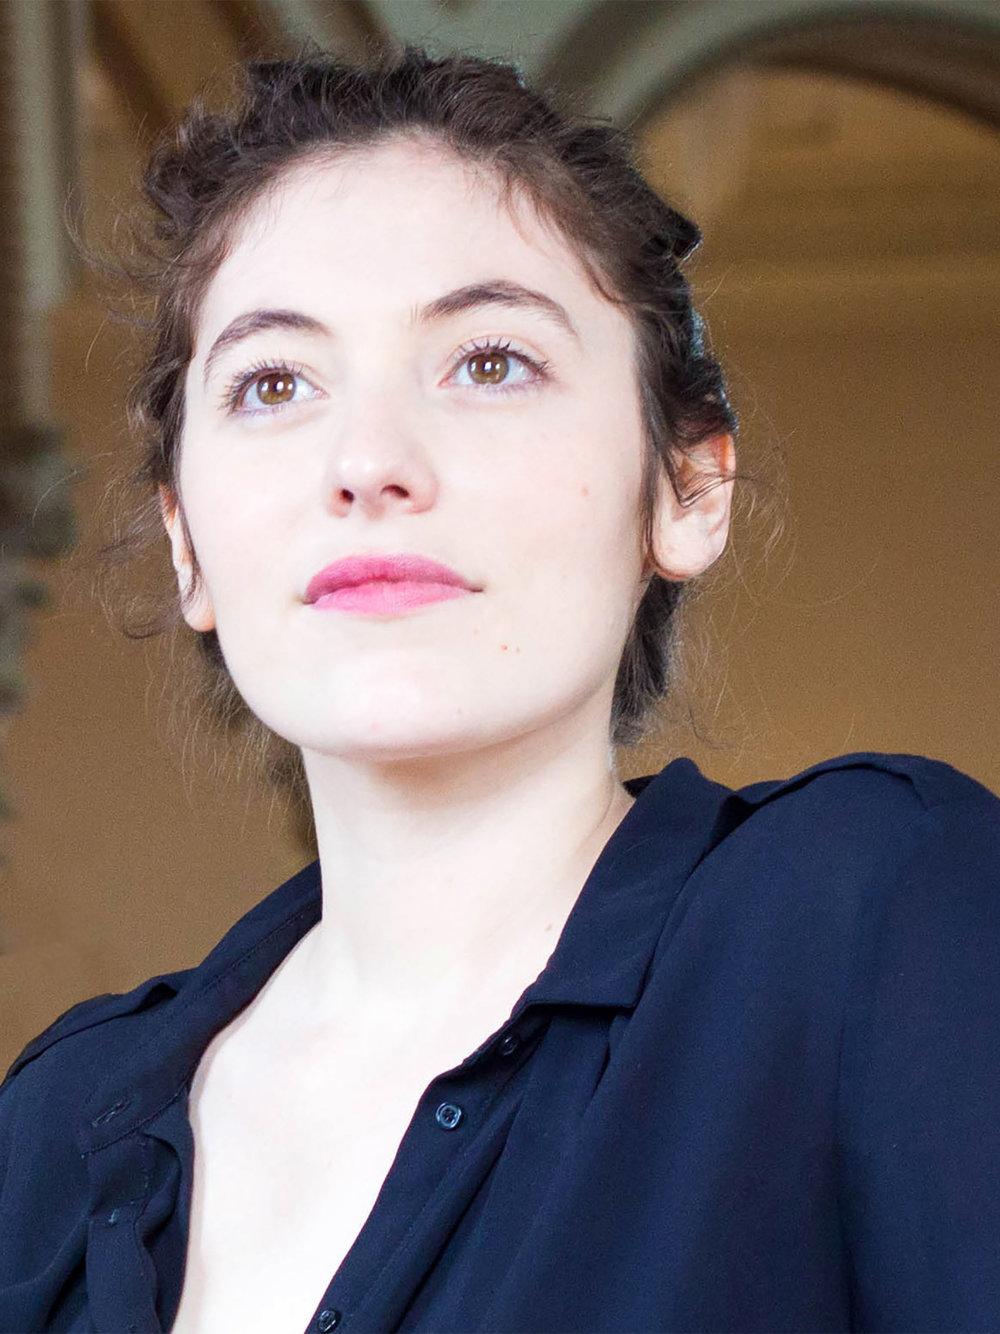 Claudine Charnay - MezzosopranPassionnée très jeune par le chant, il est mon projet de vie. Formée au théâtre, mon objectif est de les associer à l'endroit qui les réuni : la scène !